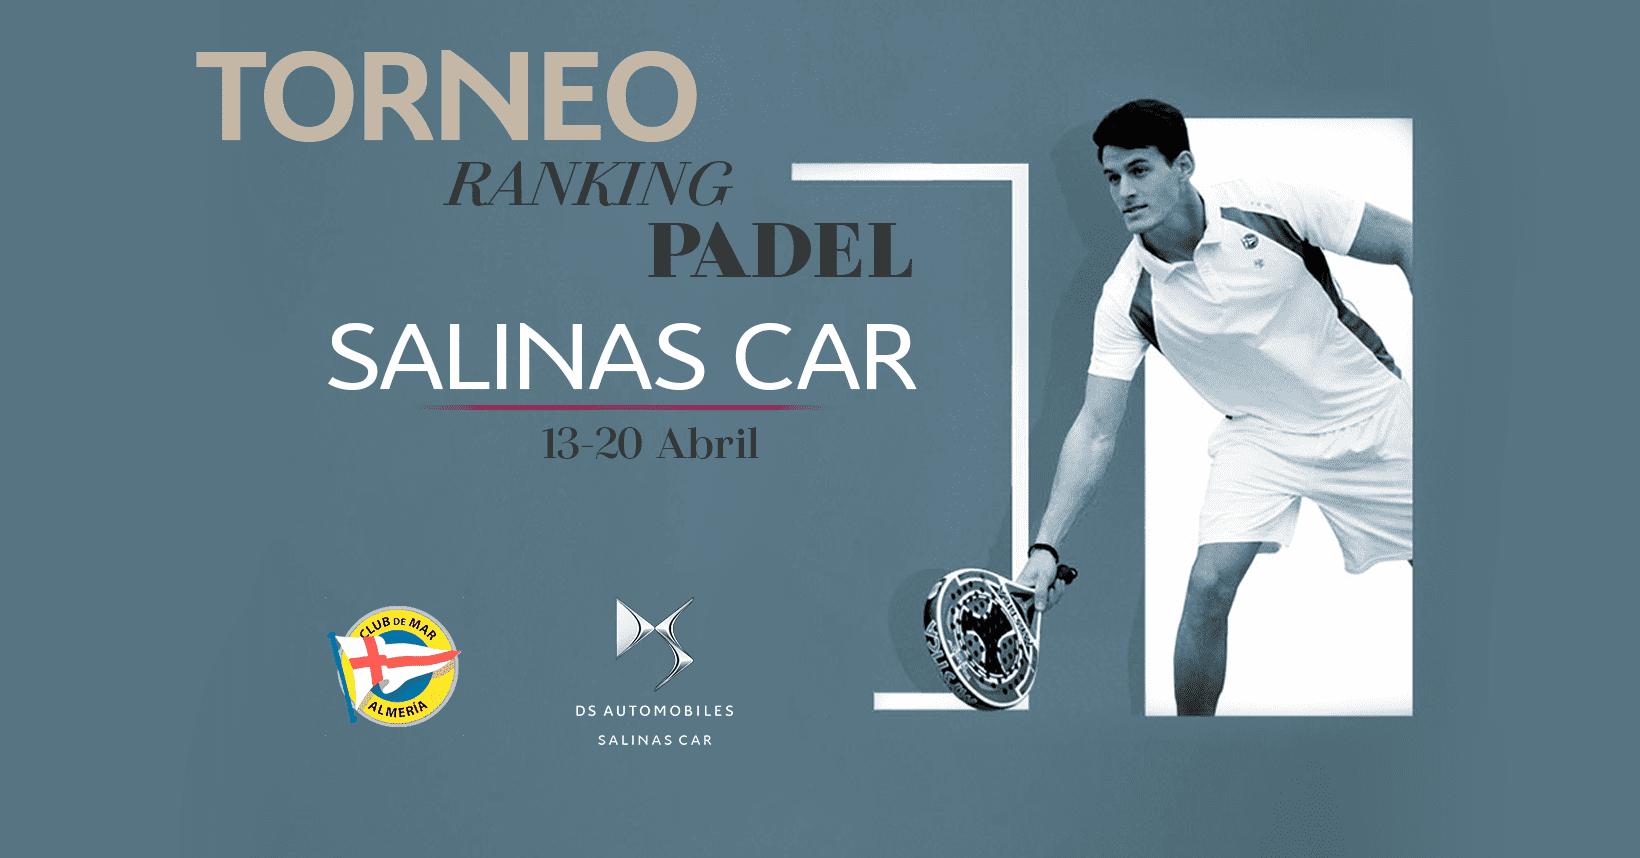 DS Salinas Car patrocinador oficial del II Ranking Pádel del Club de Mar Almería